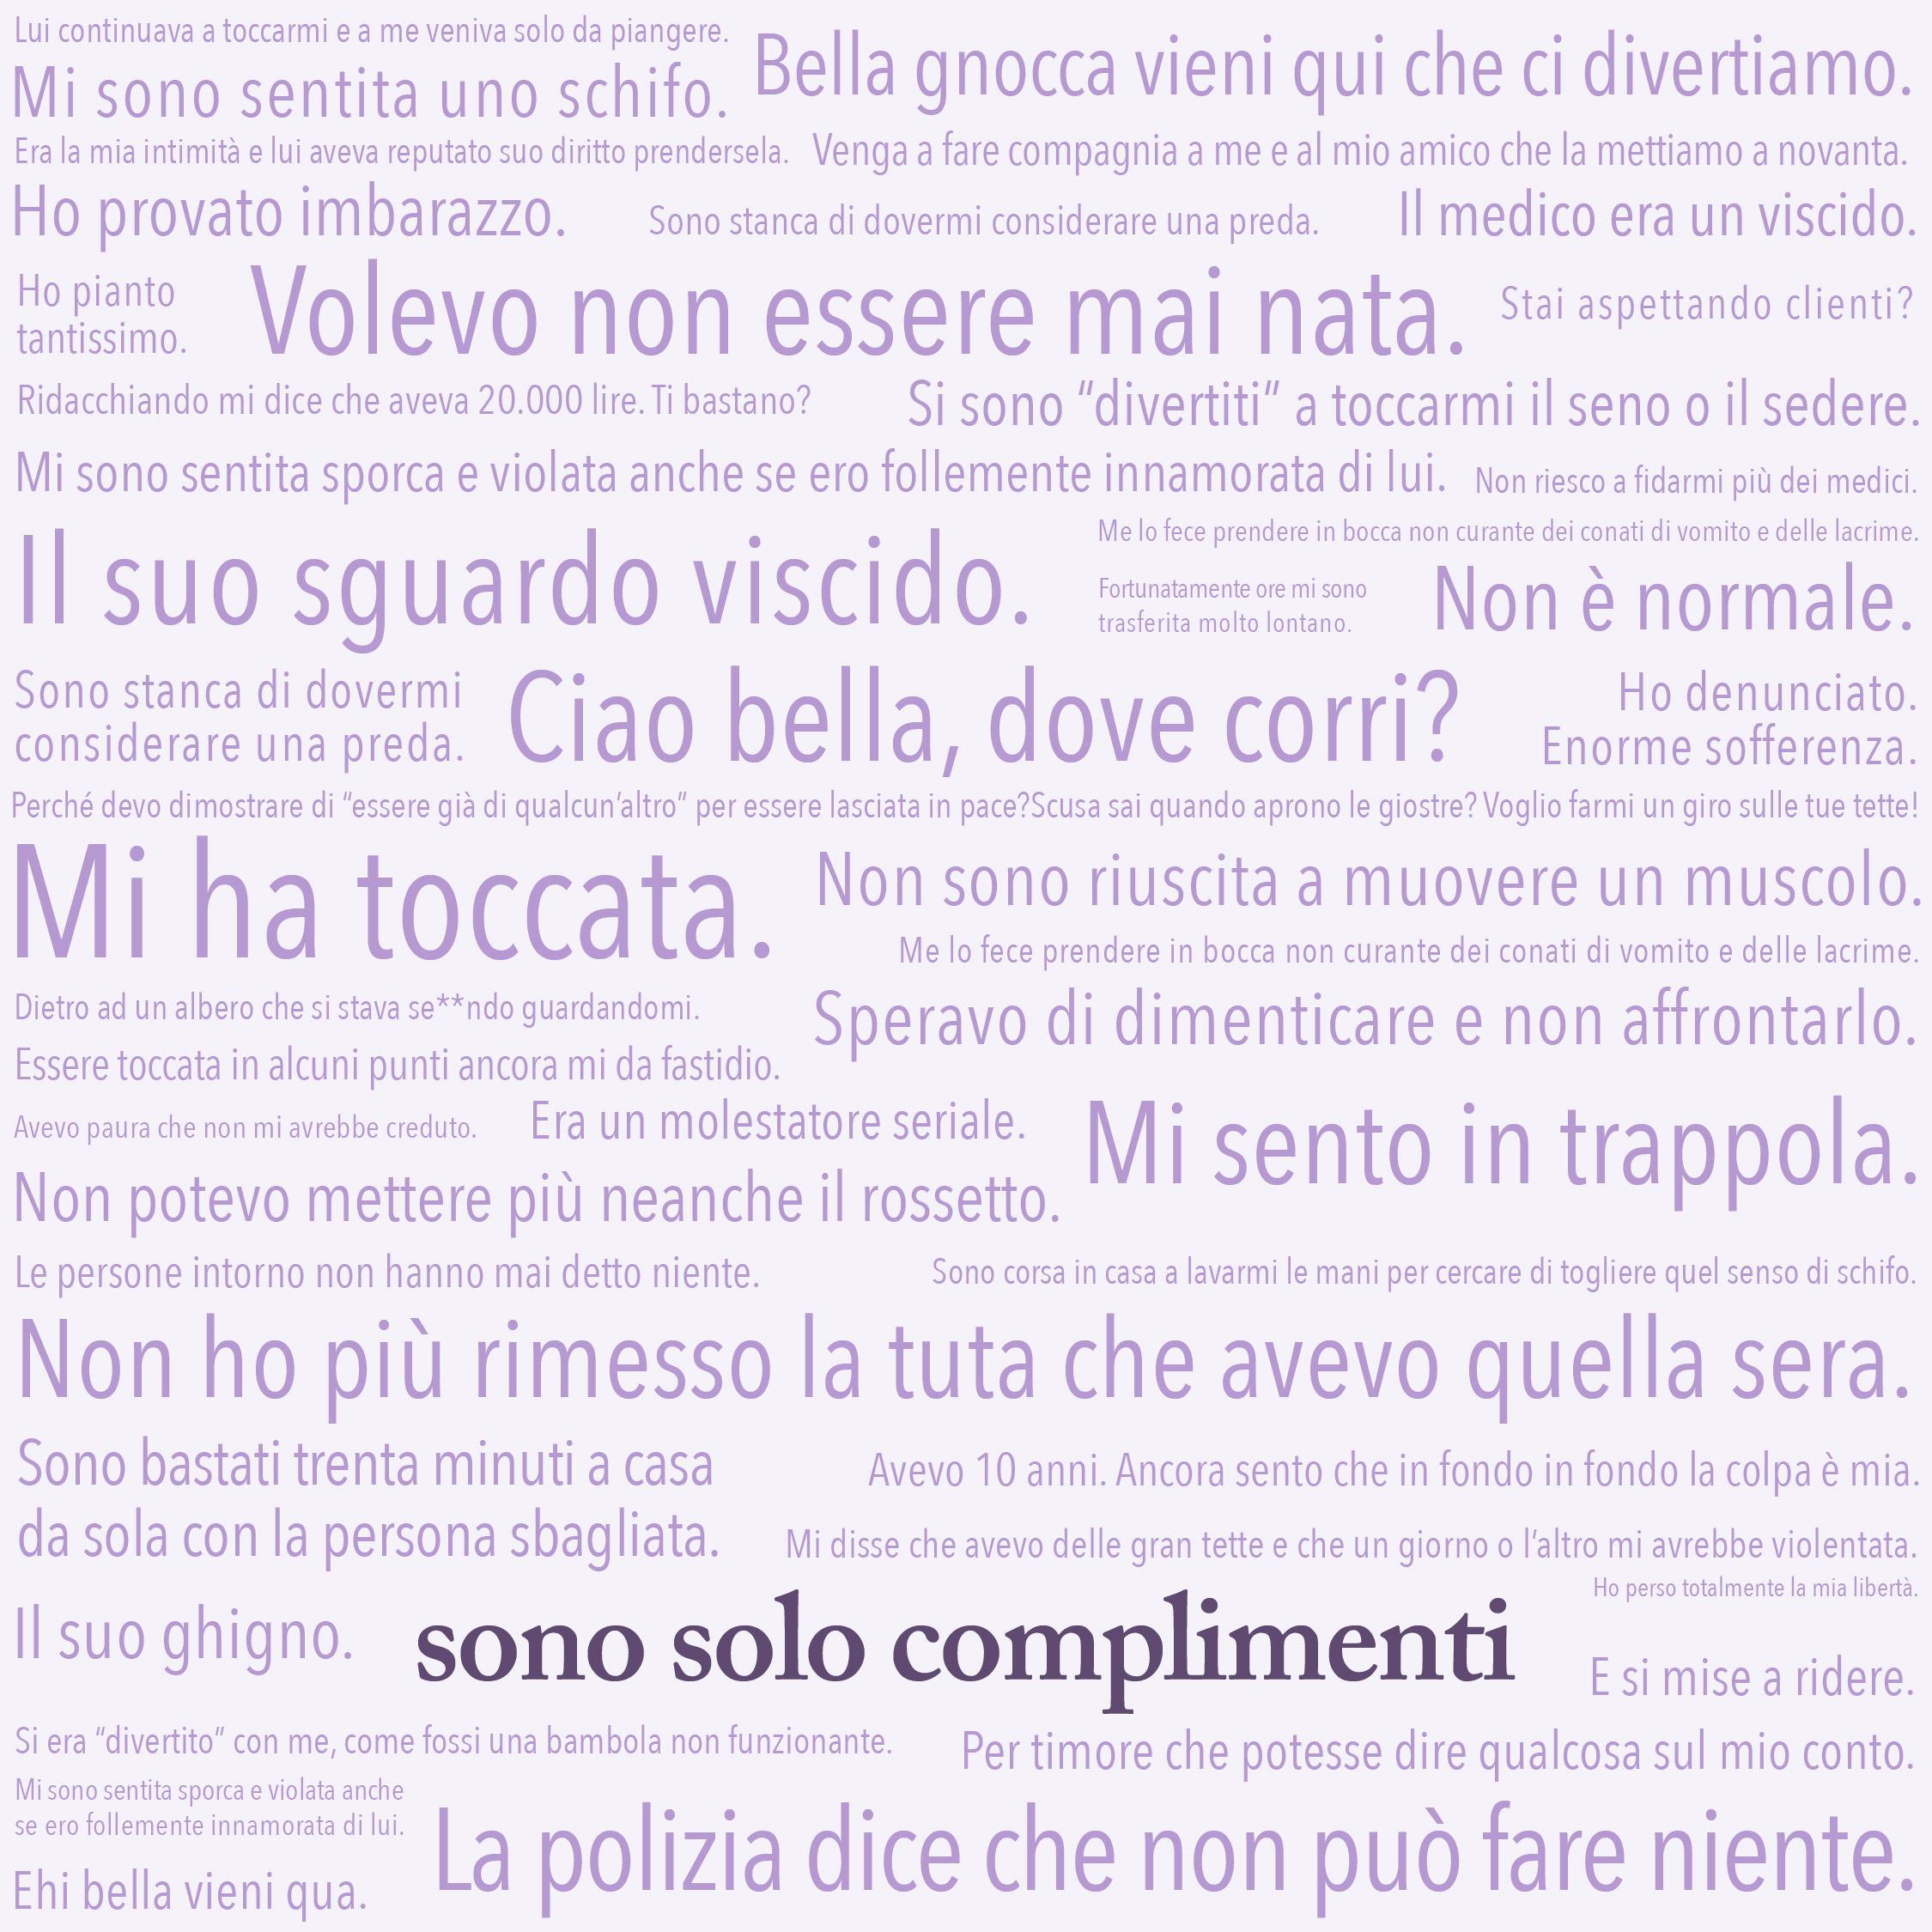 Sono Solo Complimenti | Intervista a Antonietta Peluso, sociologa